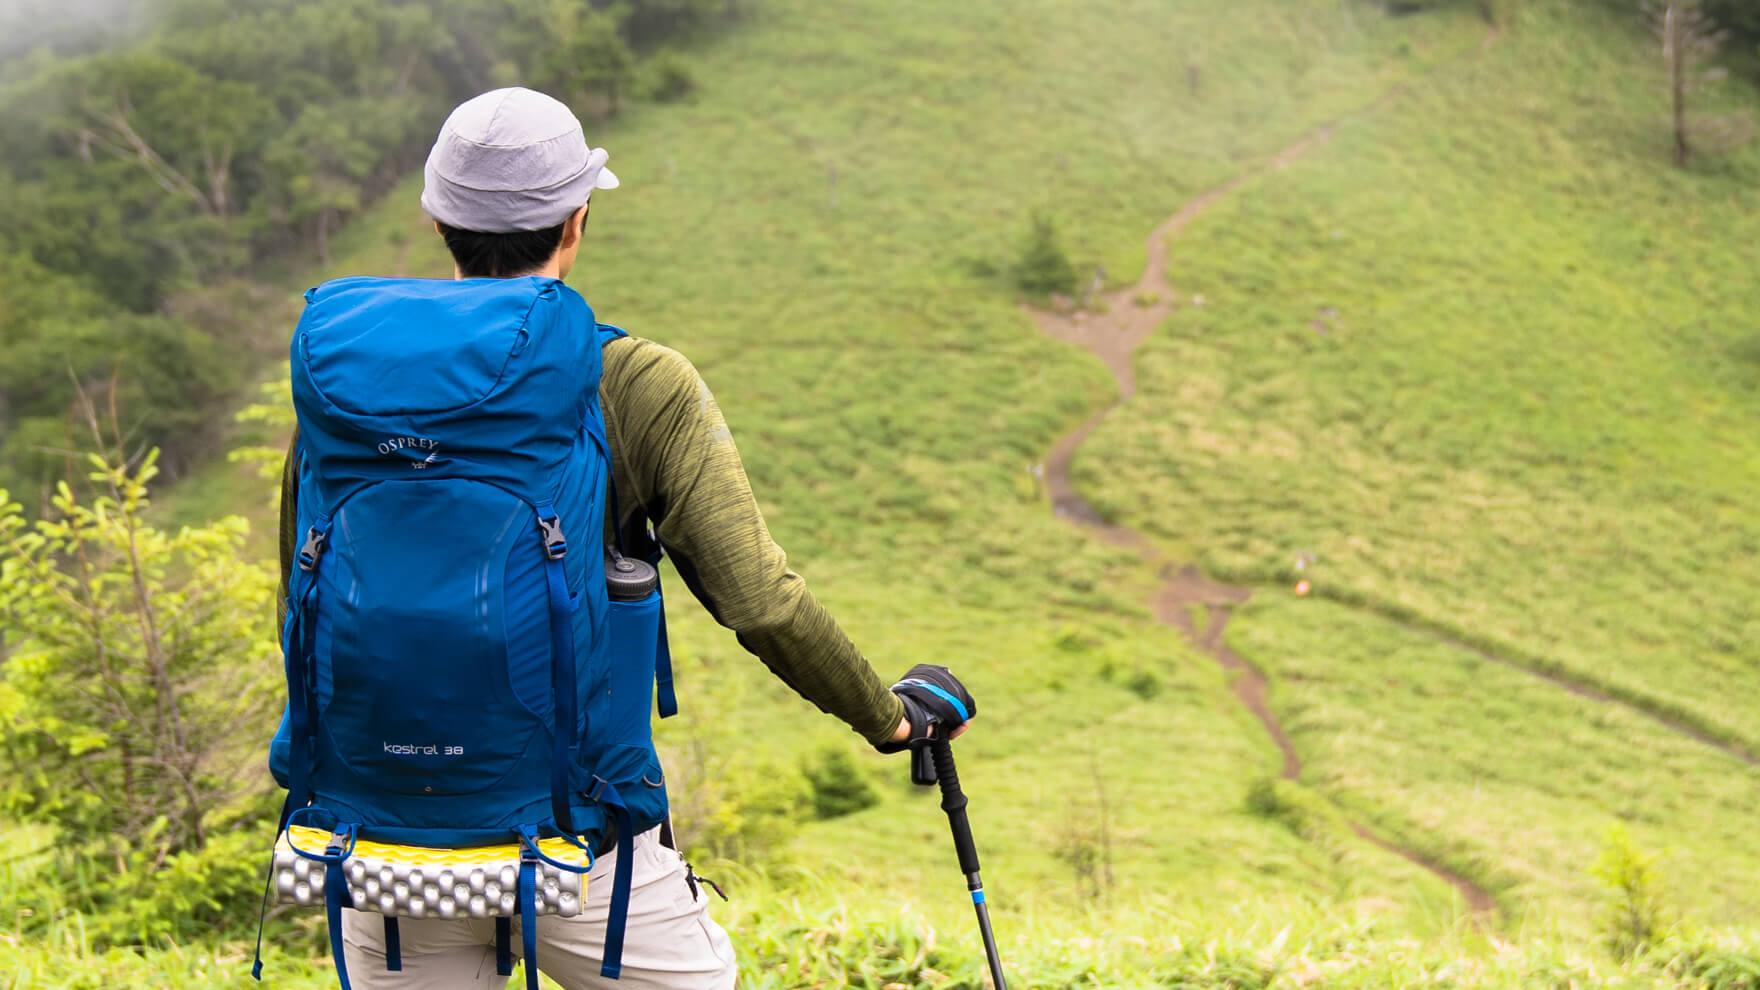 Review:OSPREY ケストレル 38 非の打ちどころがない登山向け万能バックパックは「完成」から「円熟」へ。